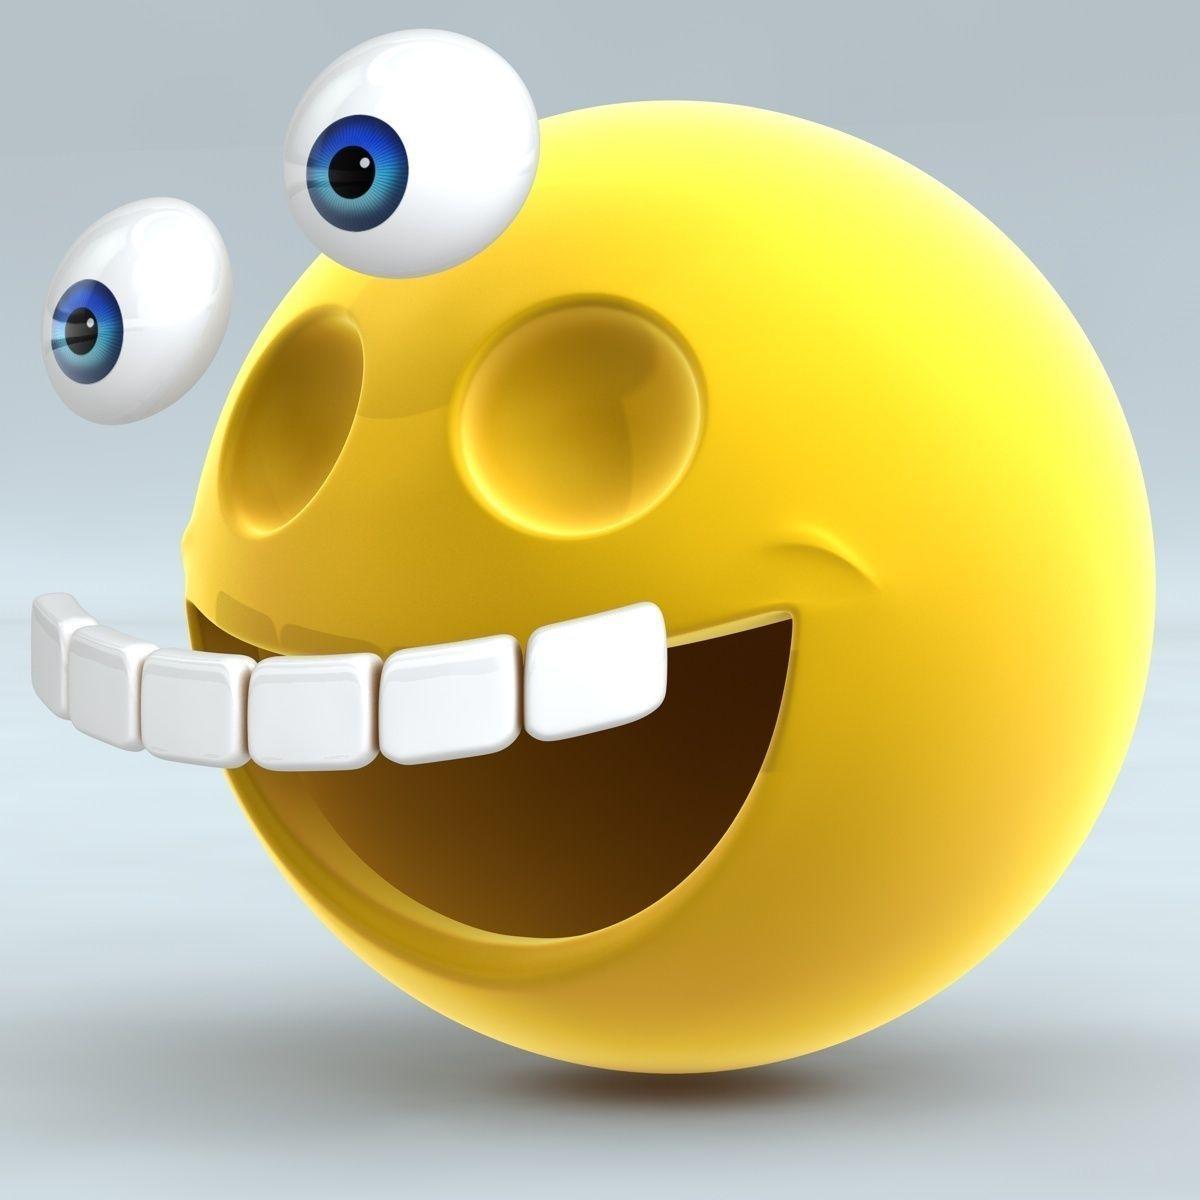 Smiley Face 3D Model OBJ 3DS FBX C4D   CGTrader.com